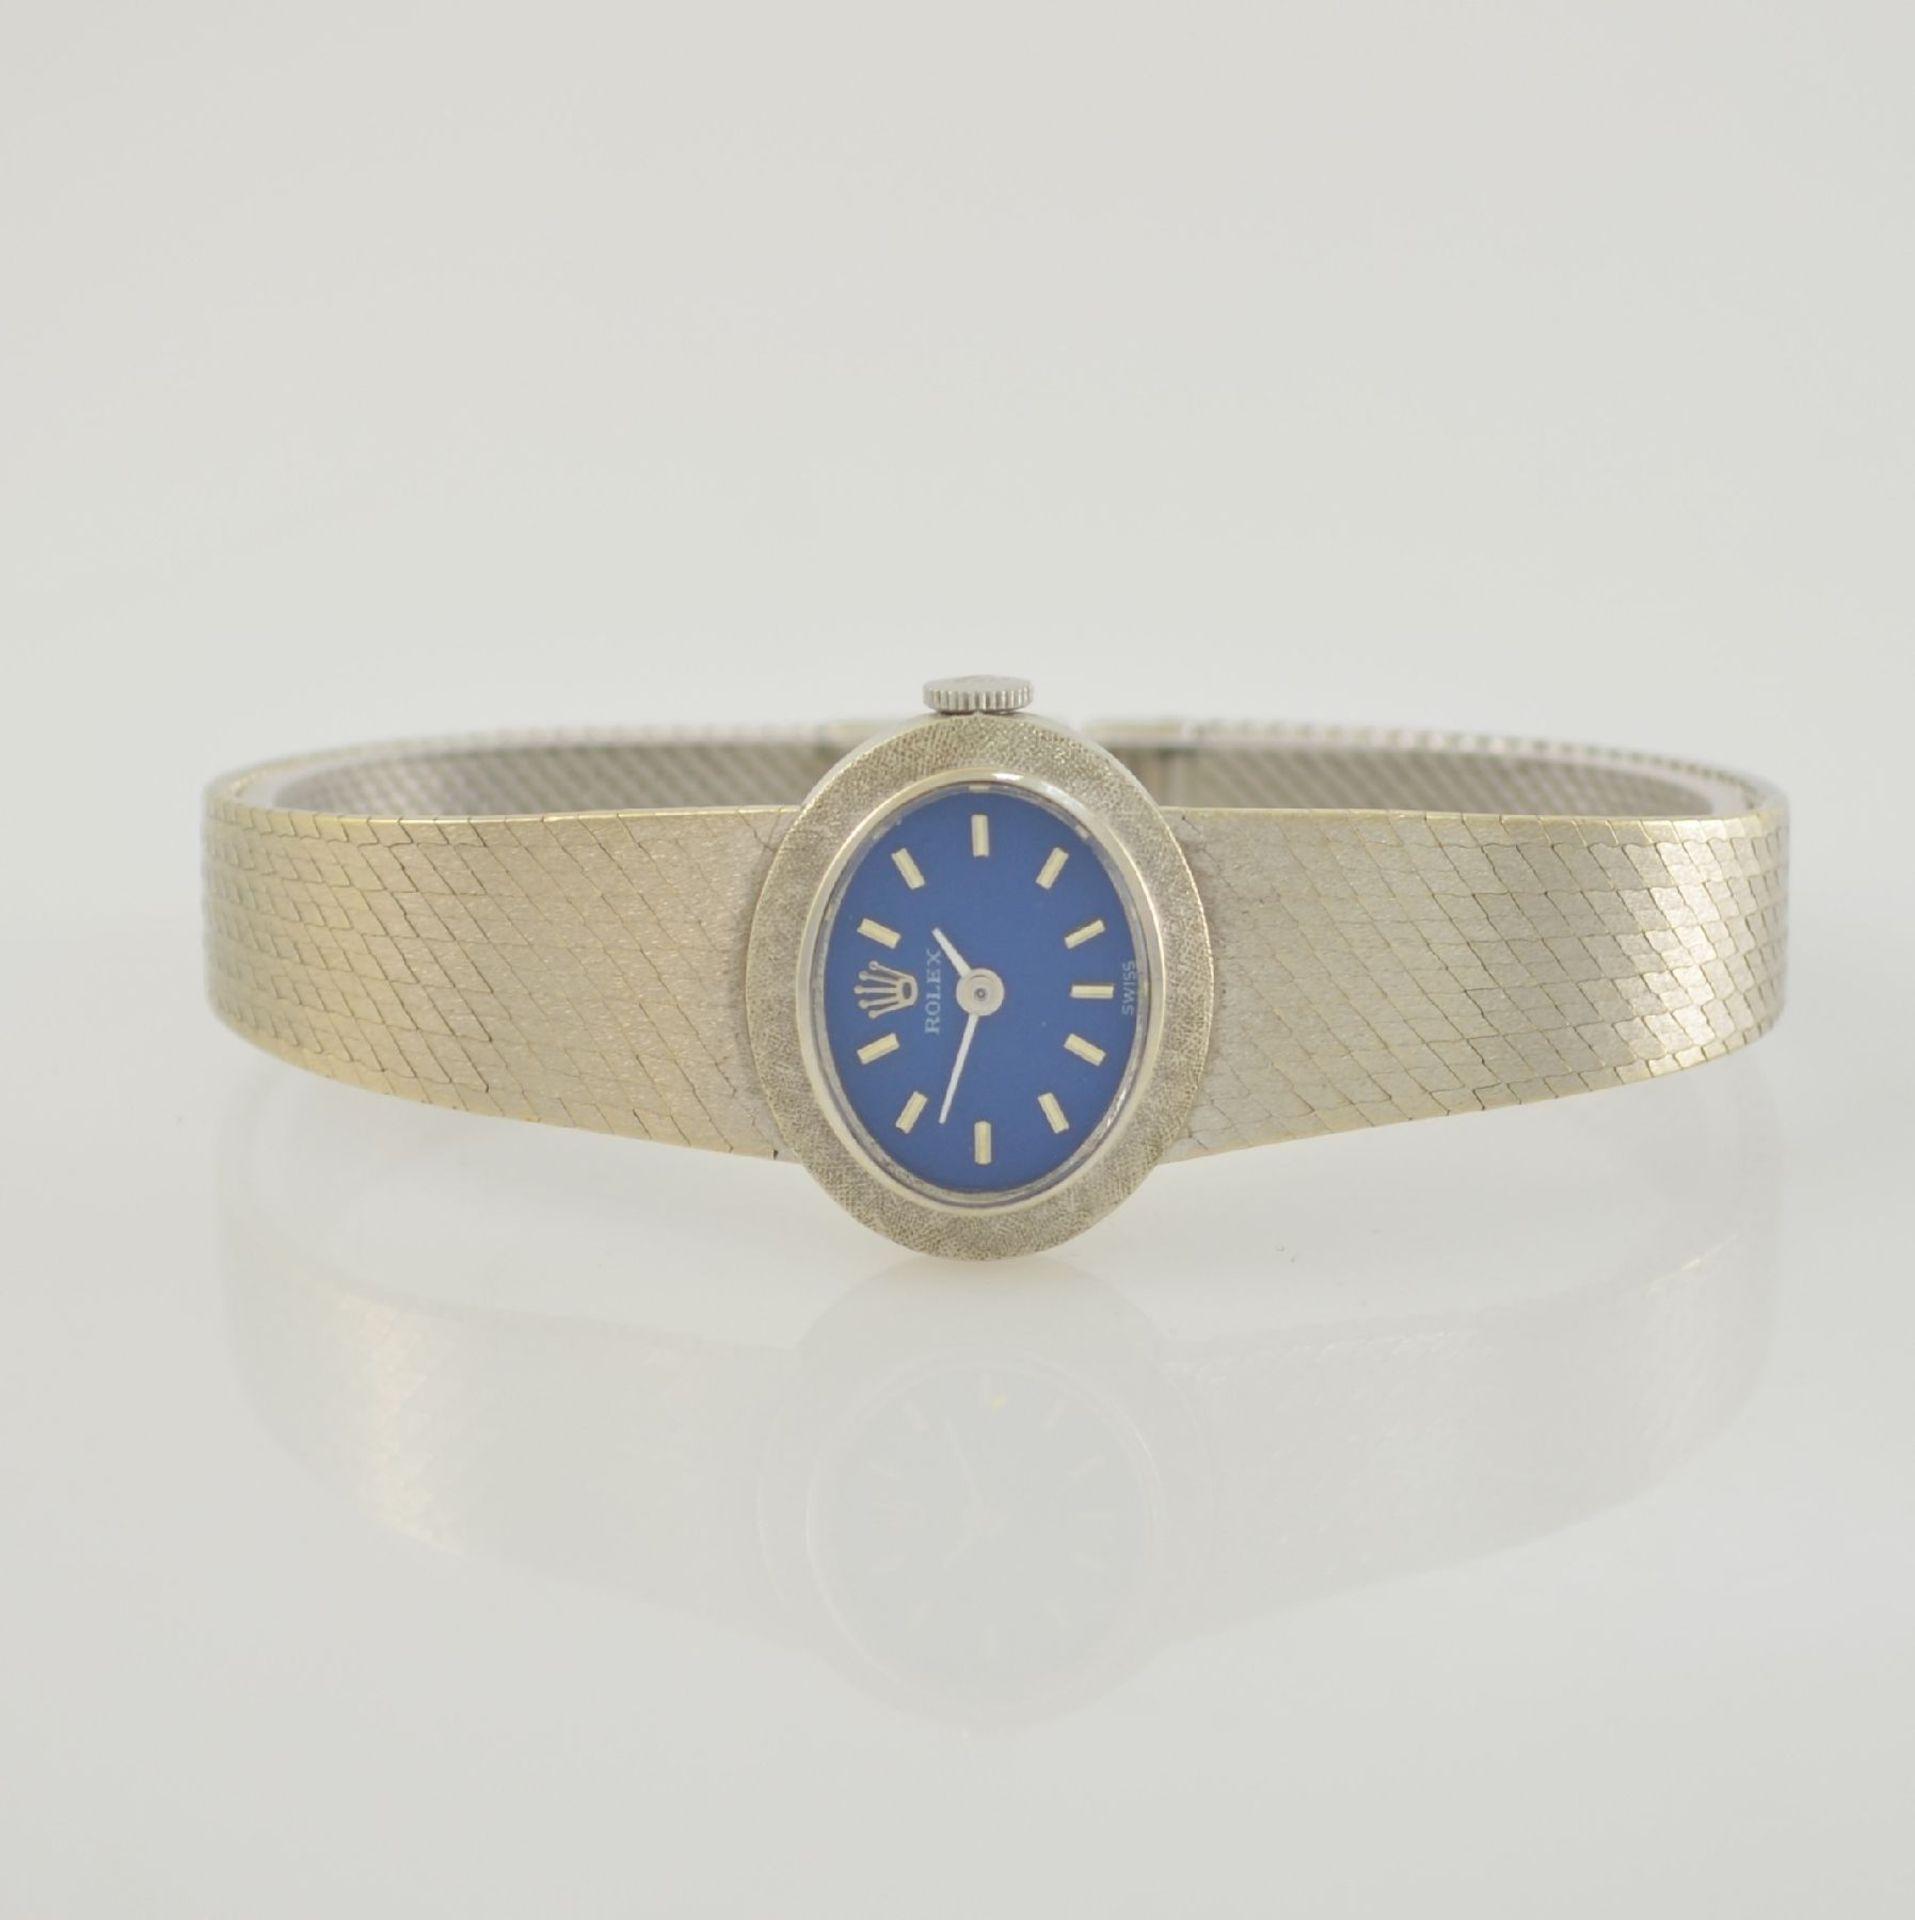 ROLEX Damenarmbanduhr in WG 750/000, Schweiz 1960er Jahre, Handaufzug, Boden aufgedr.,